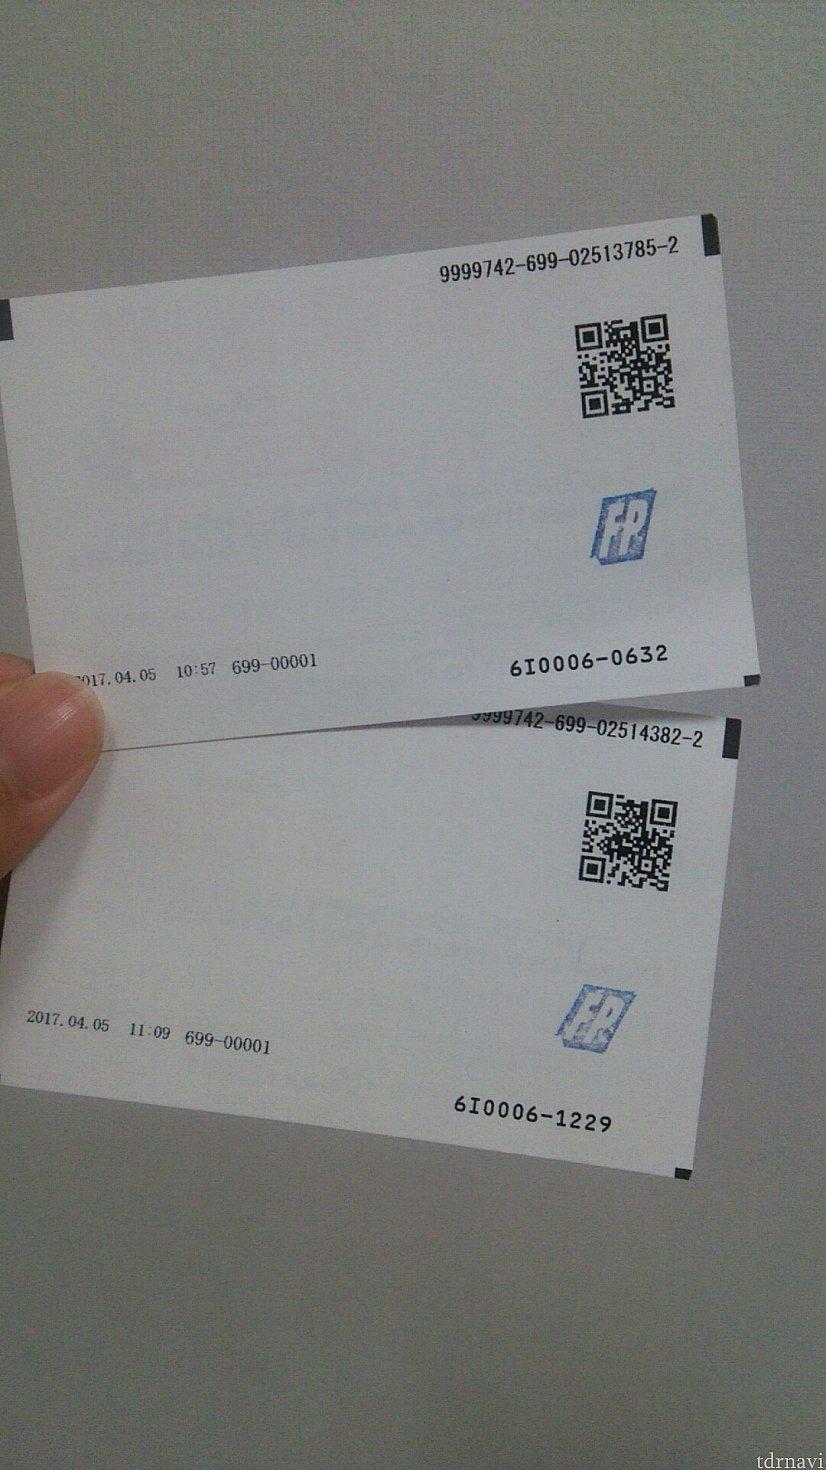 チケットの裏面です!このバーコードでファストパスが発券できます!